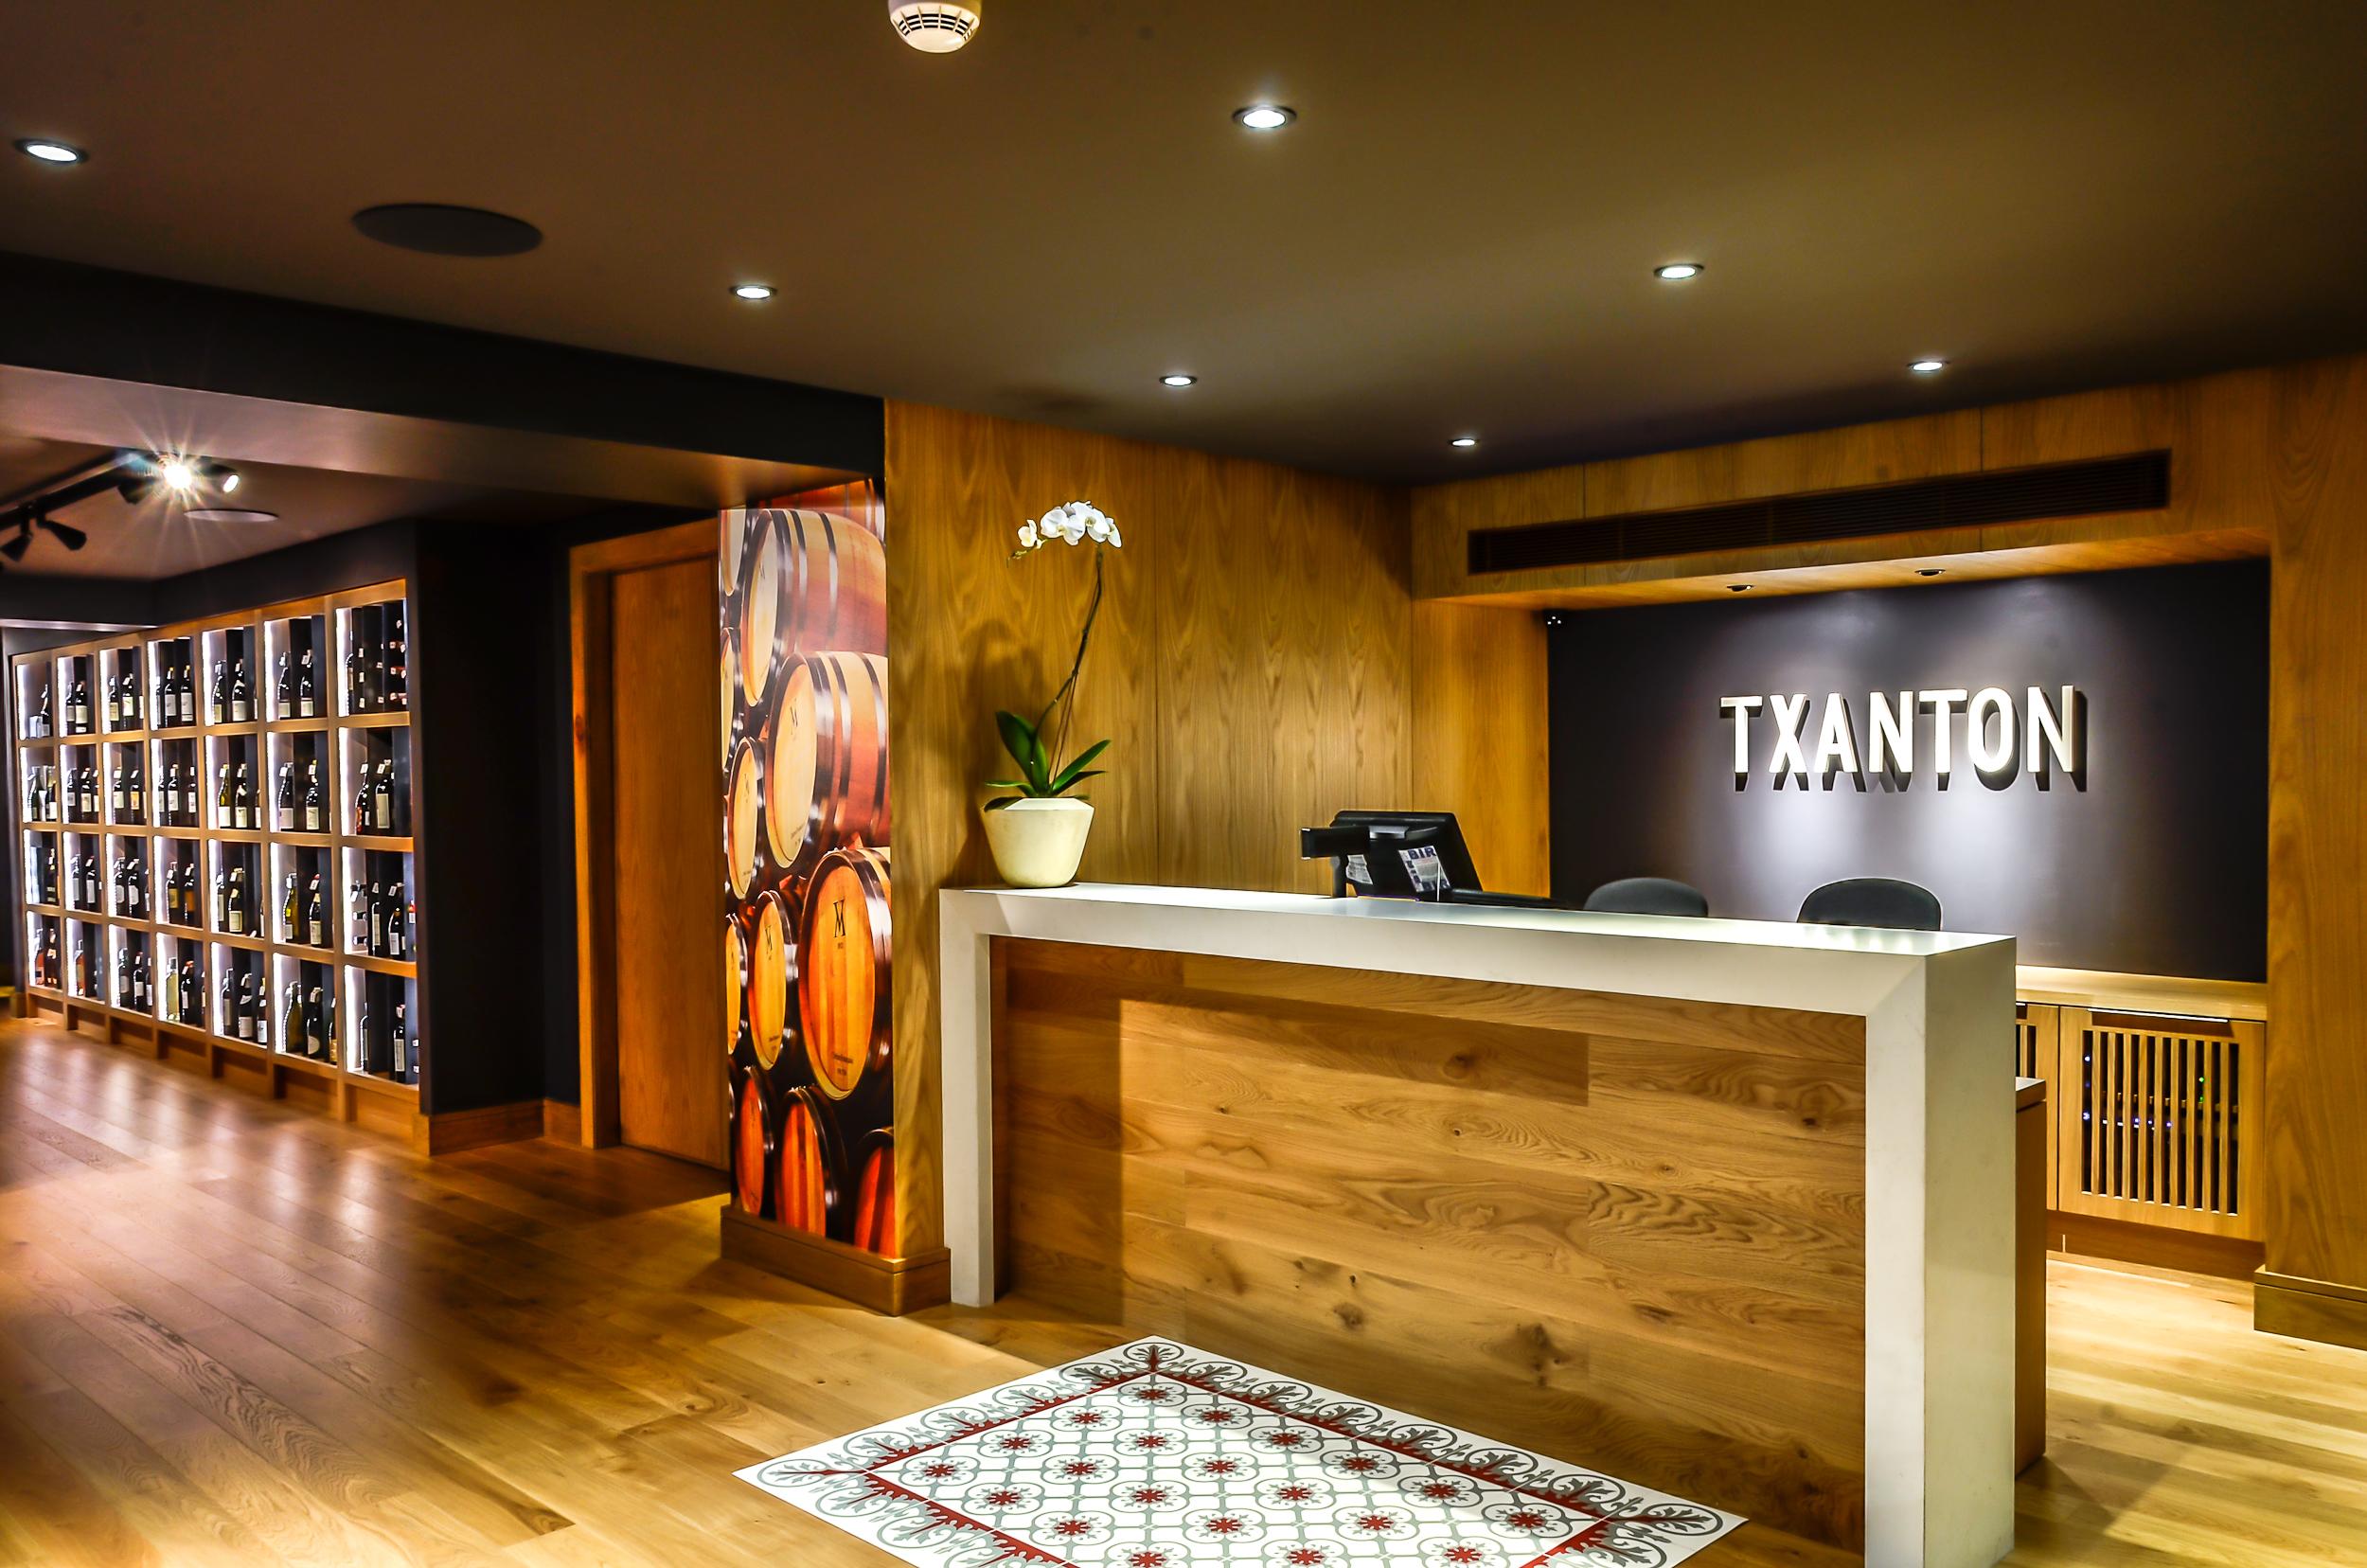 Txanton Front Desk